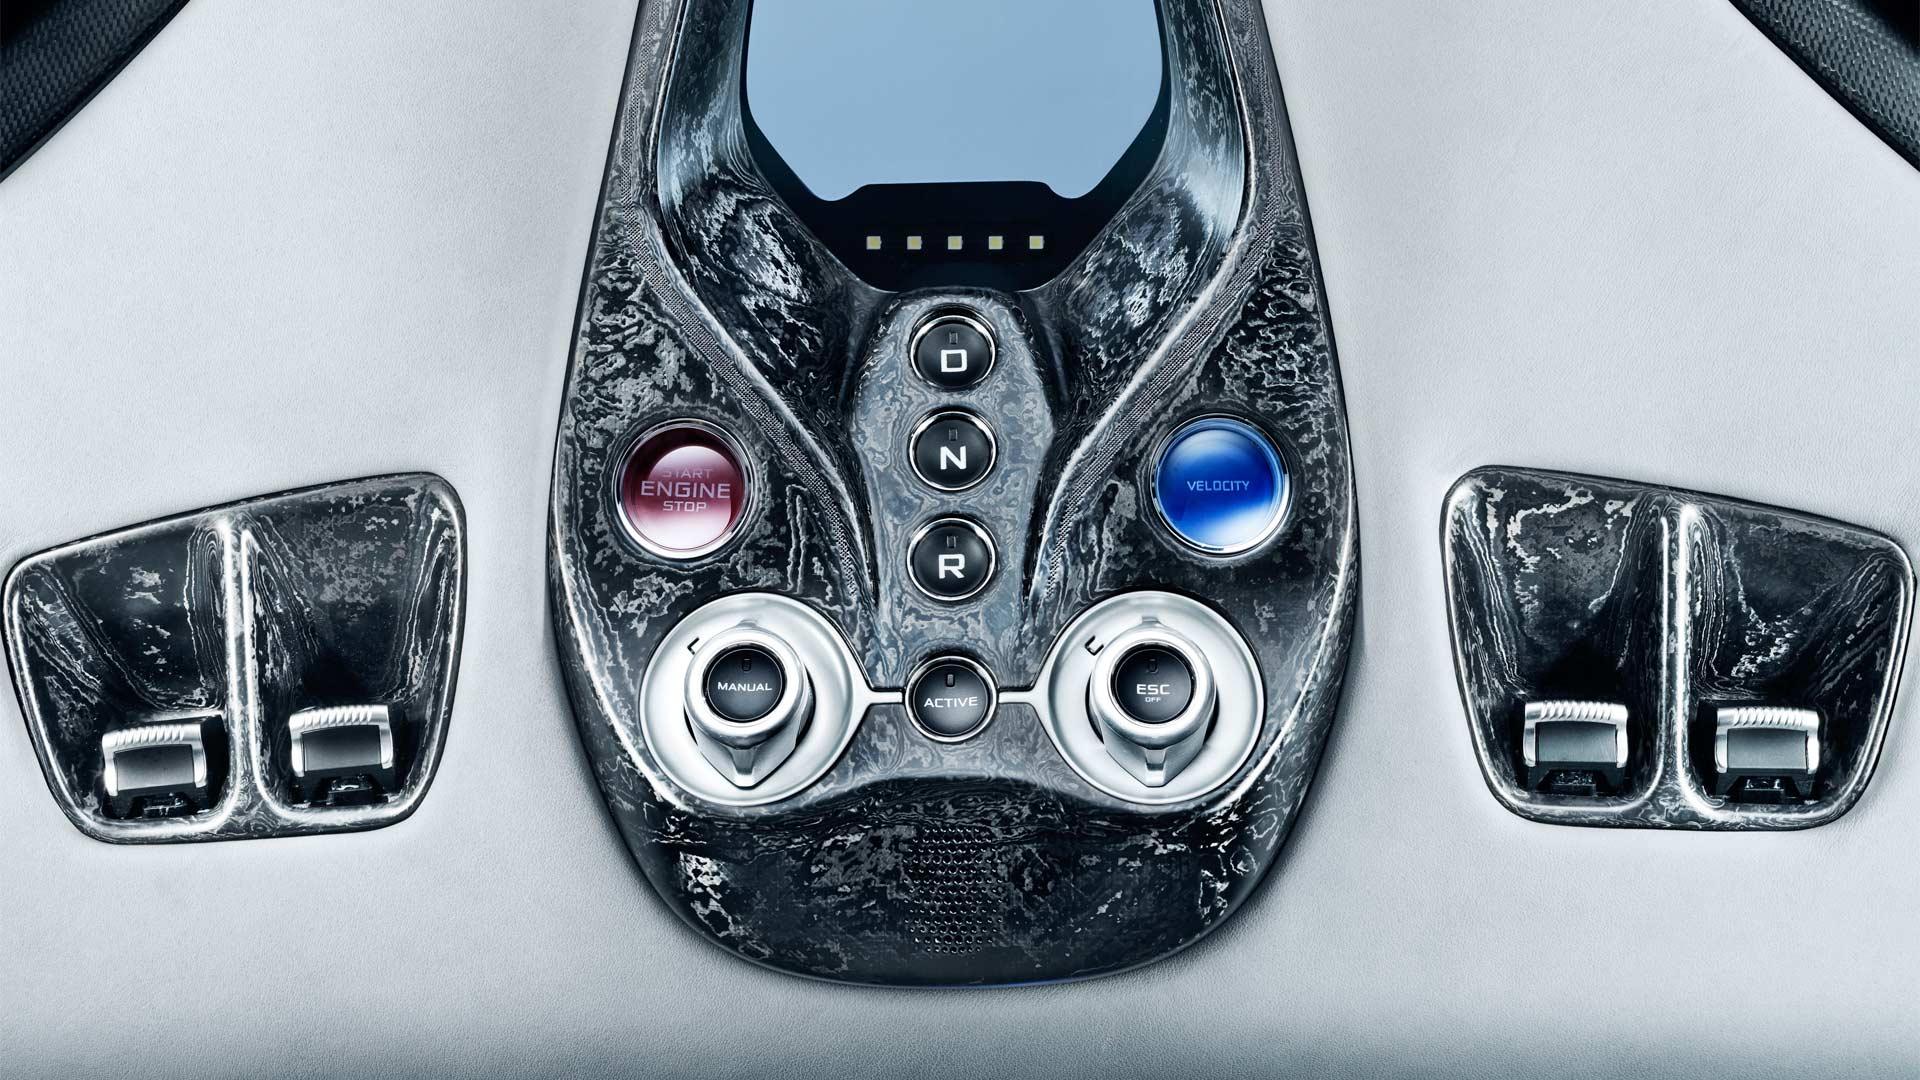 McLaren-Speedtail-Overhead-Controls